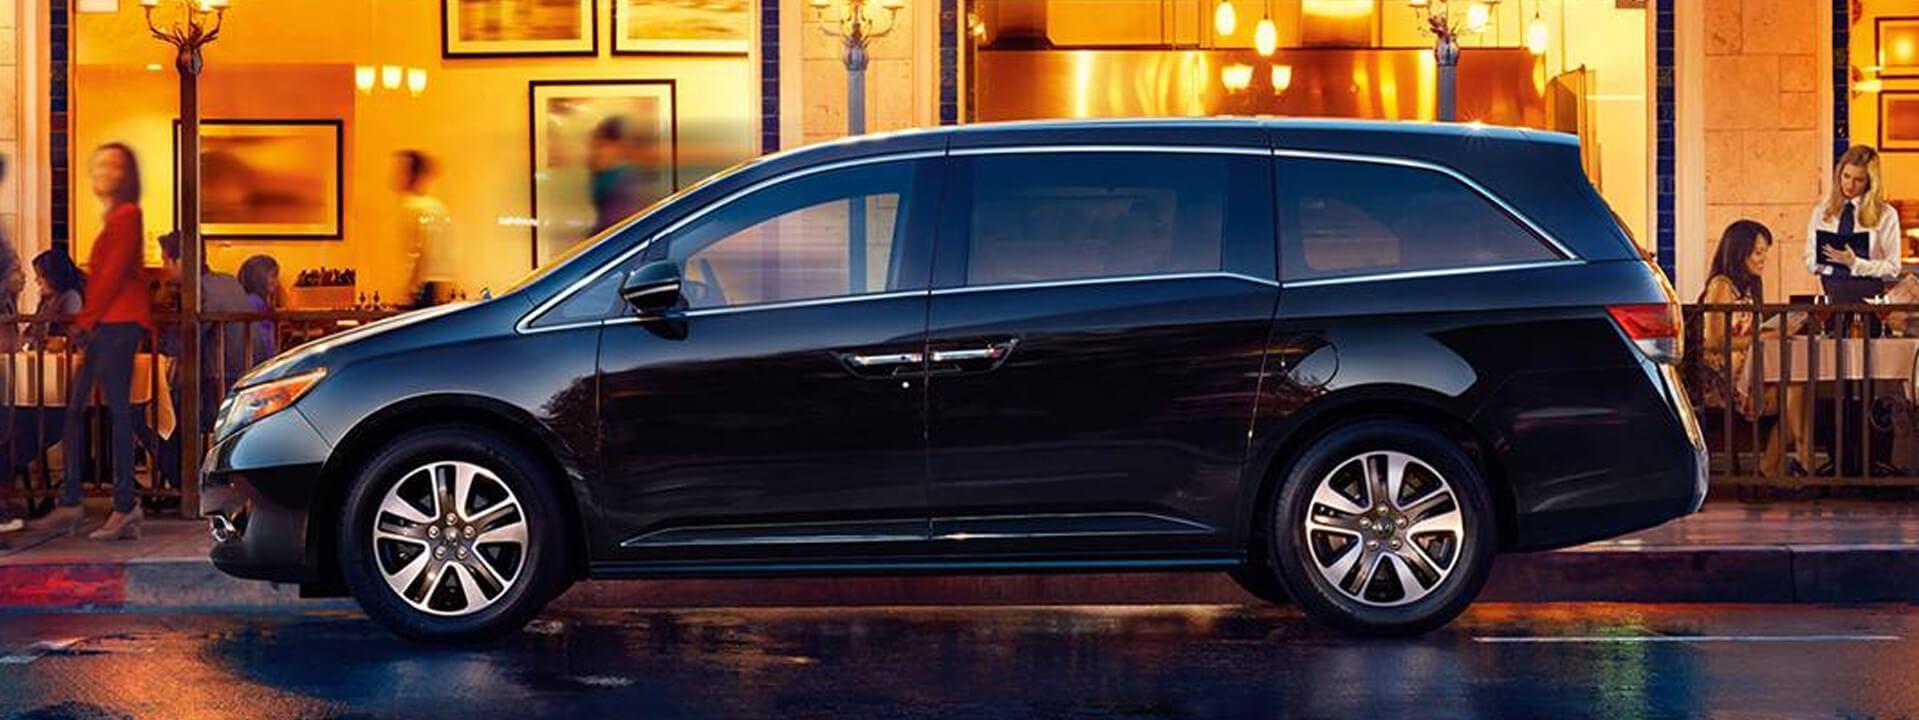 2017 Honda Odyssey image